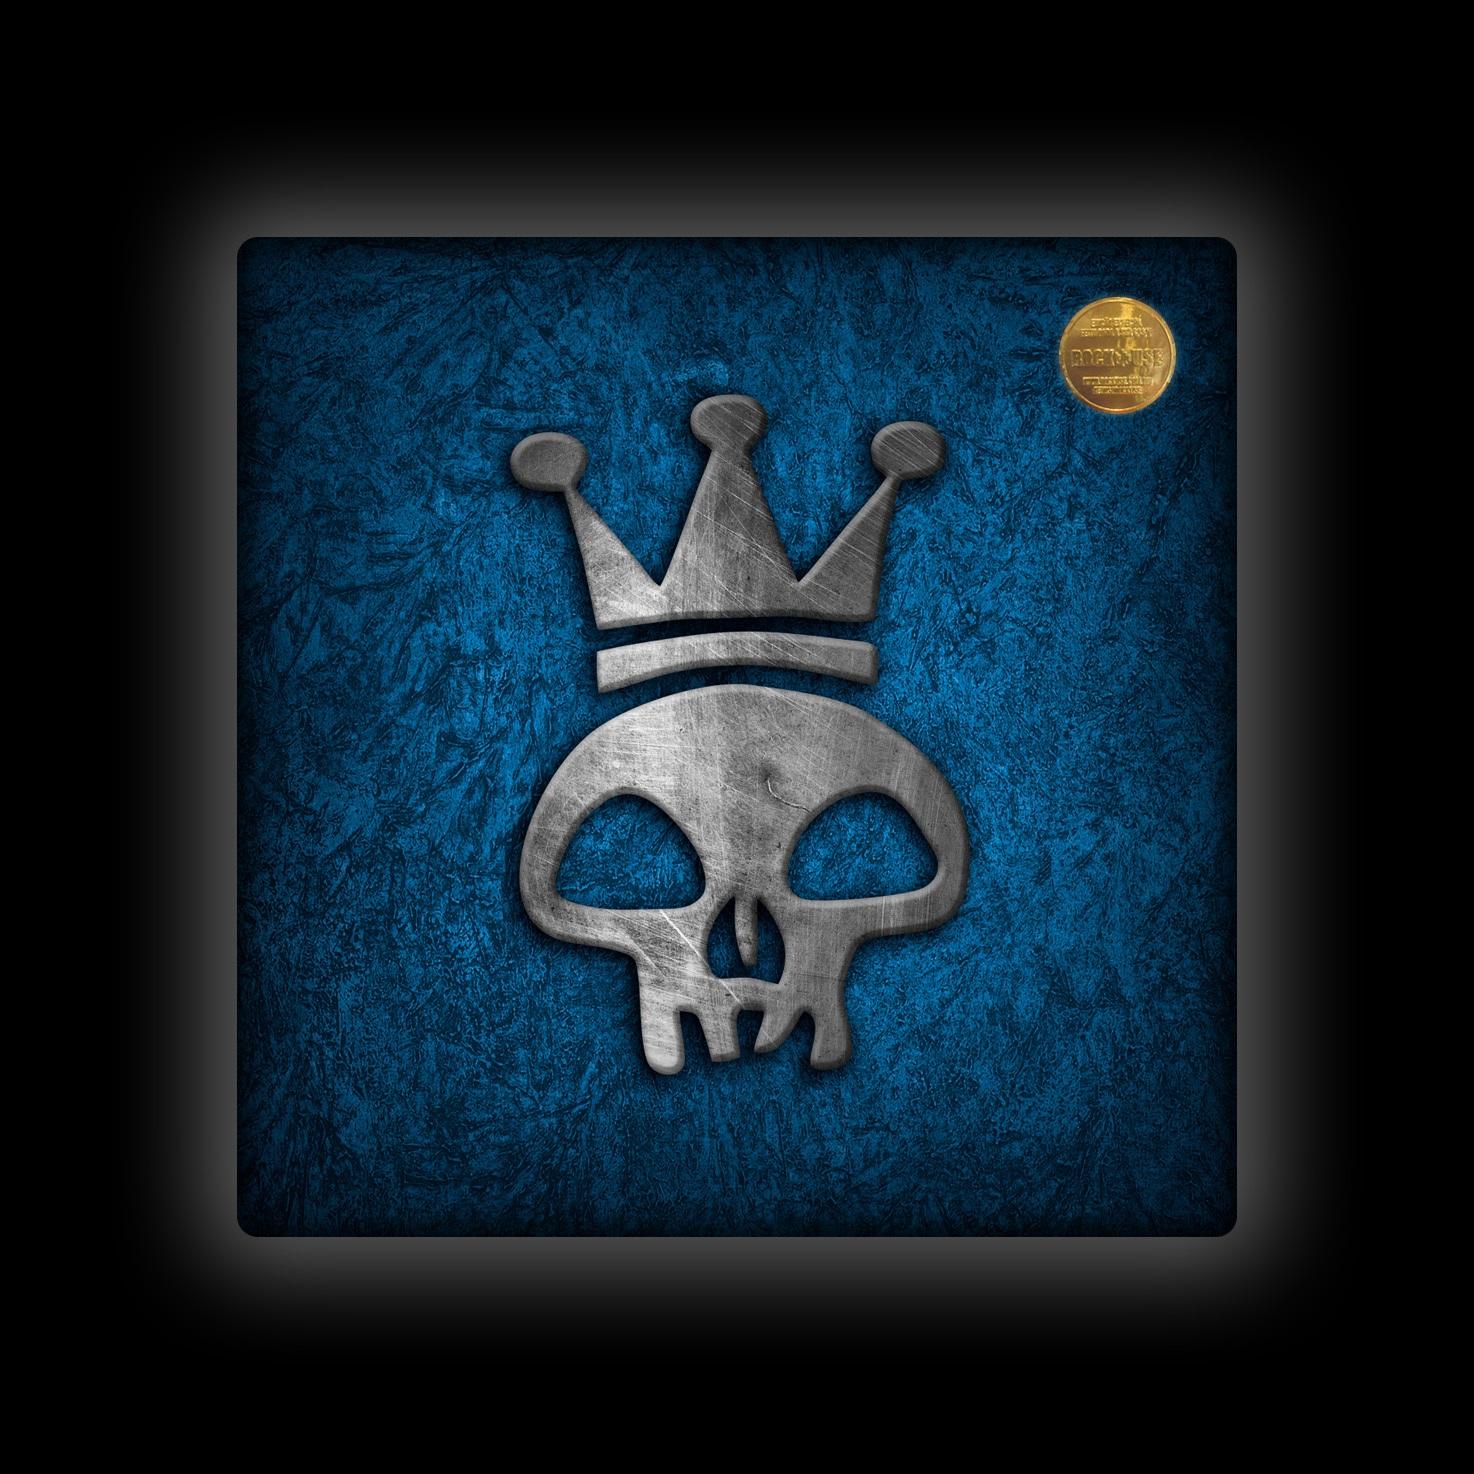 Capa de Almofada Capital Inicial - Caveira Azul